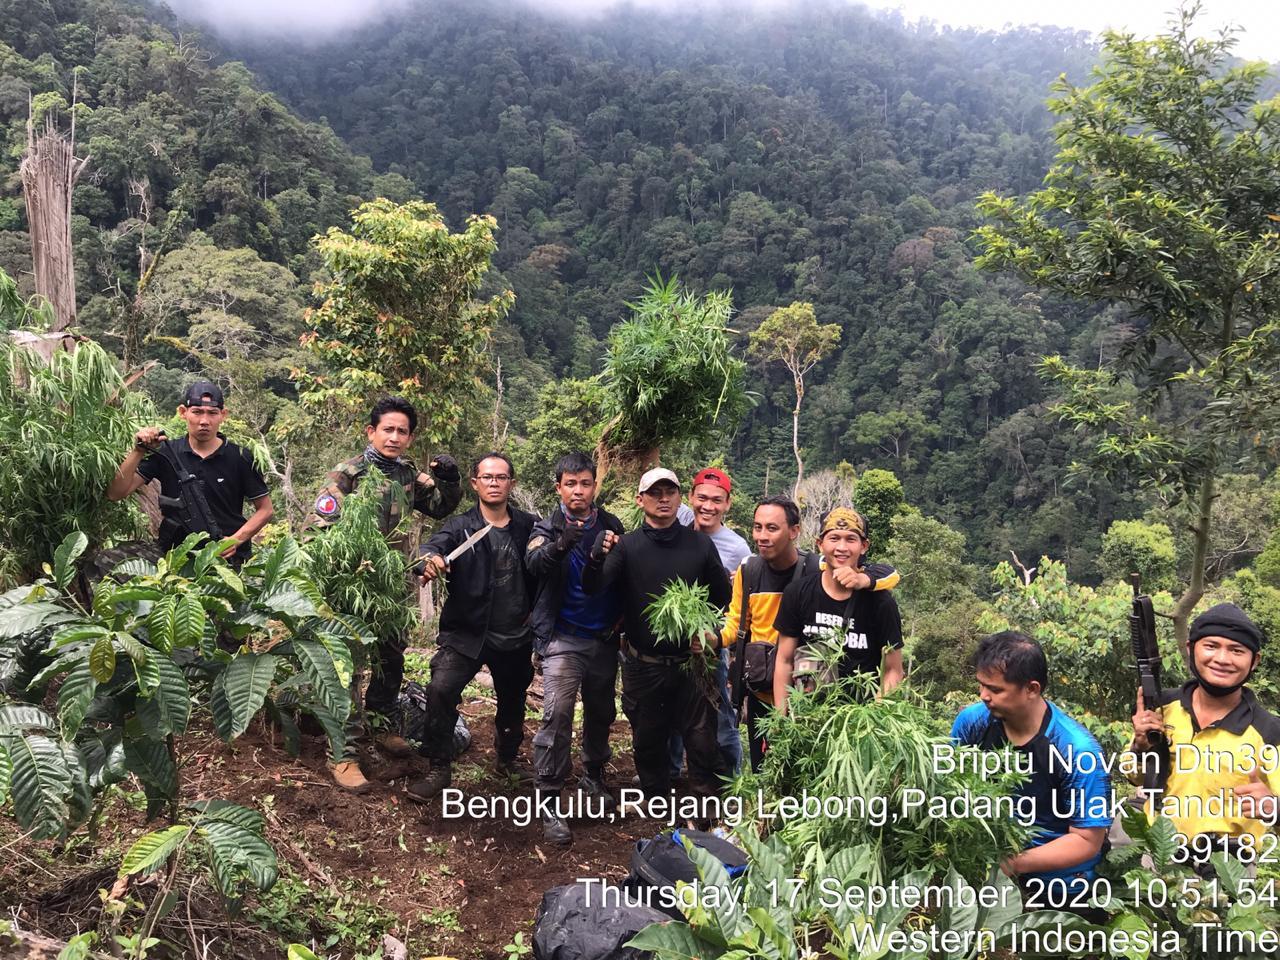 Ungkap Kebun Ganja, Dit Narkoba Polda Bengkulu Amankan BB 250 Kg Ganja Kering dan Senpi Rakitan